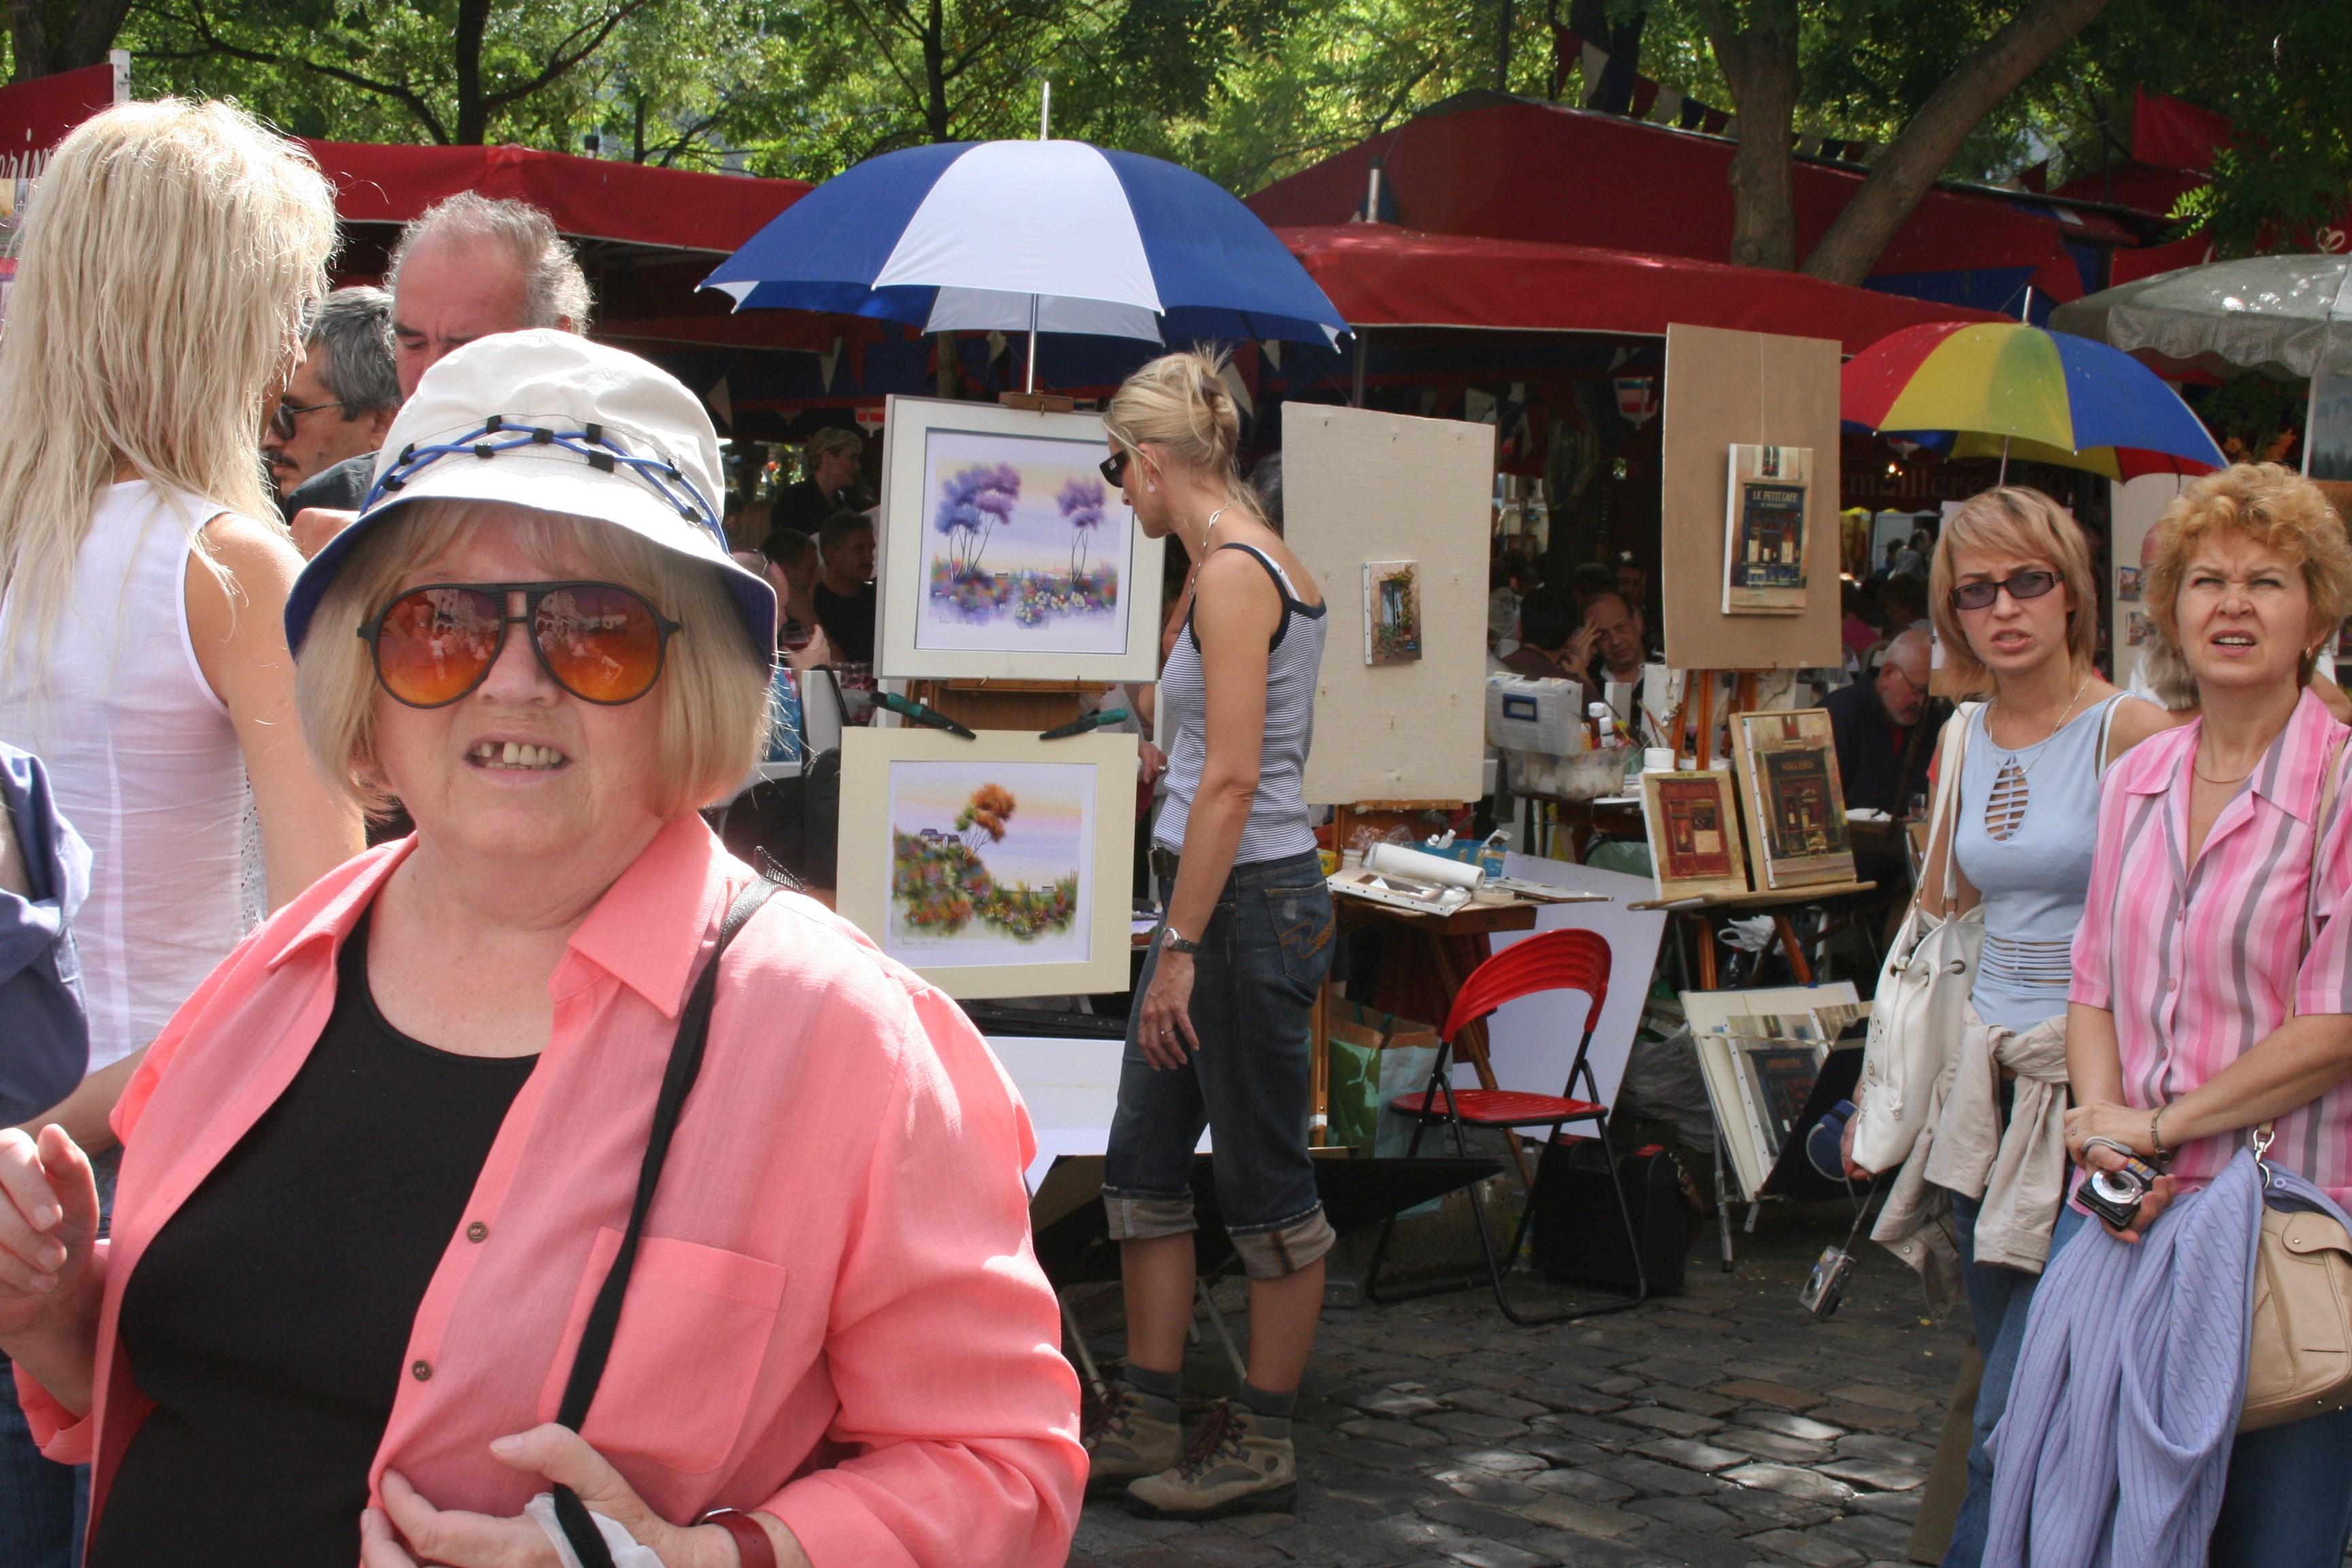 Place du tetre, France, Paintings, Paris, Pedestrians, HQ Photo